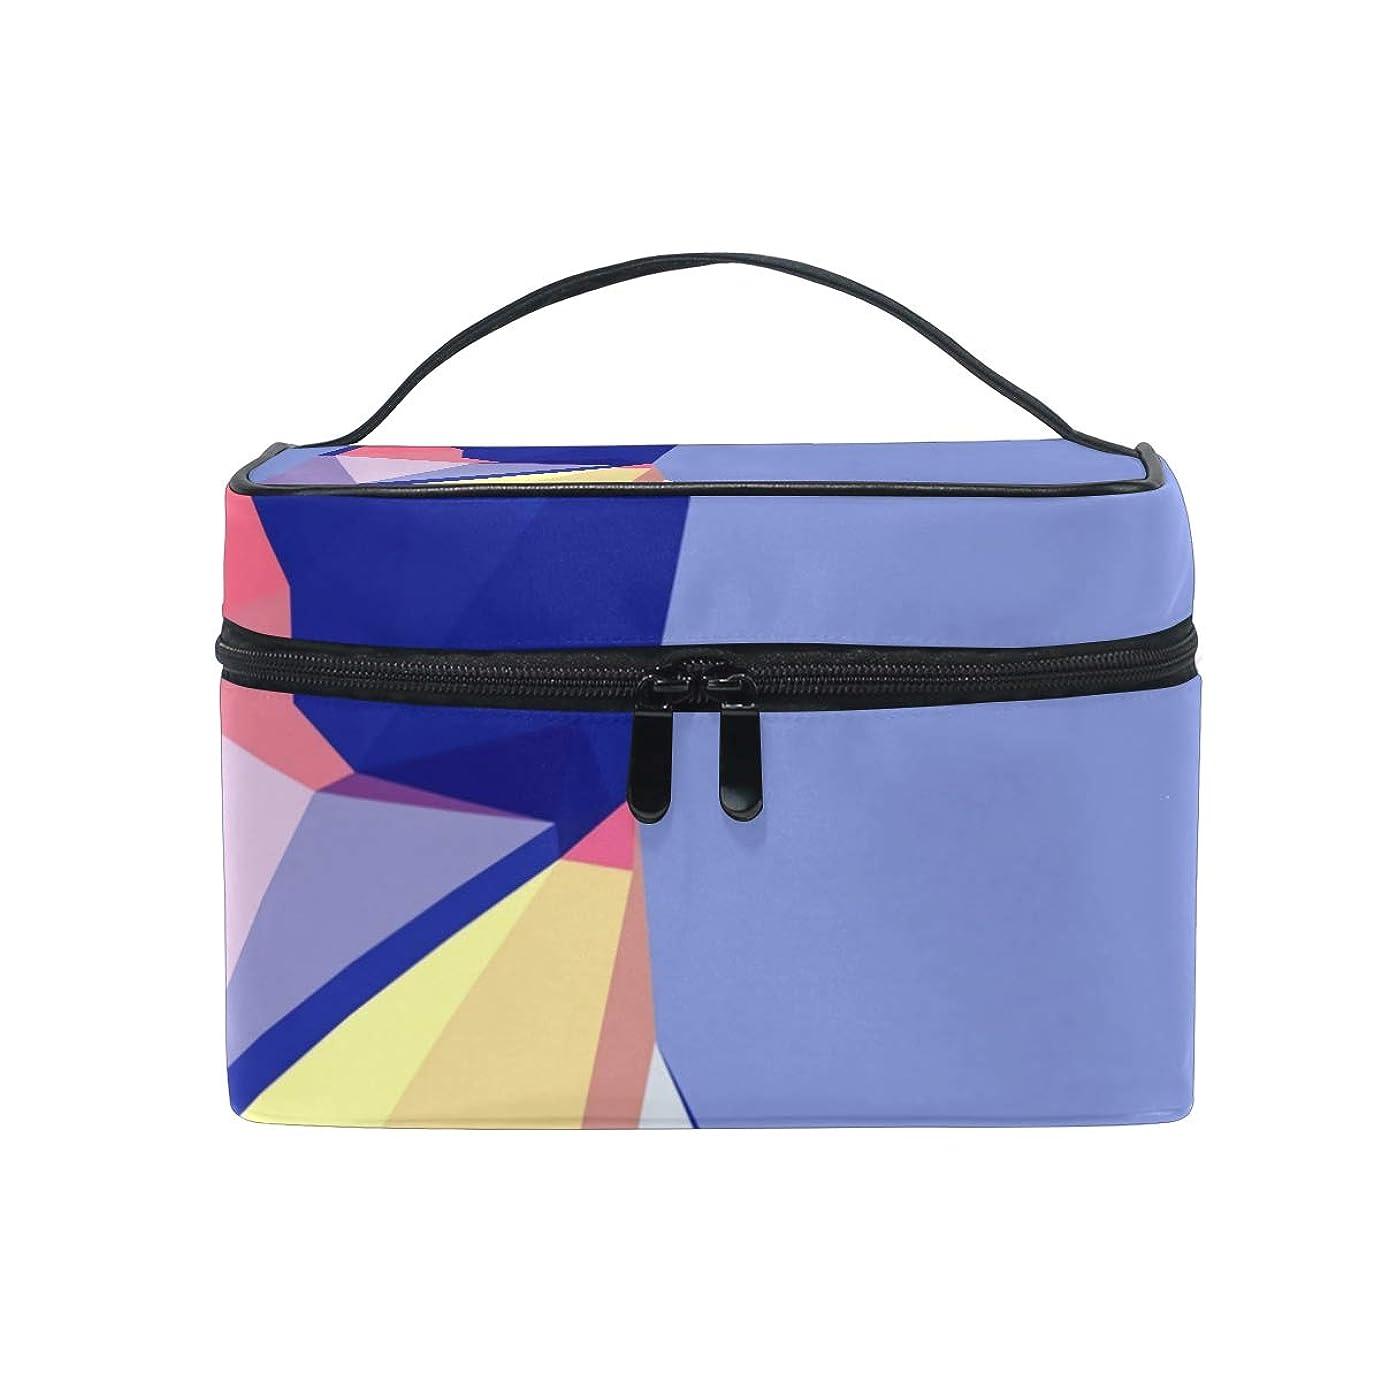 現れる摂氏敬意を表するメイクボックス 低ポリ幾何学柄 化粧ポーチ 化粧品 化粧道具 小物入れ メイクブラシバッグ 大容量 旅行用 収納ケース